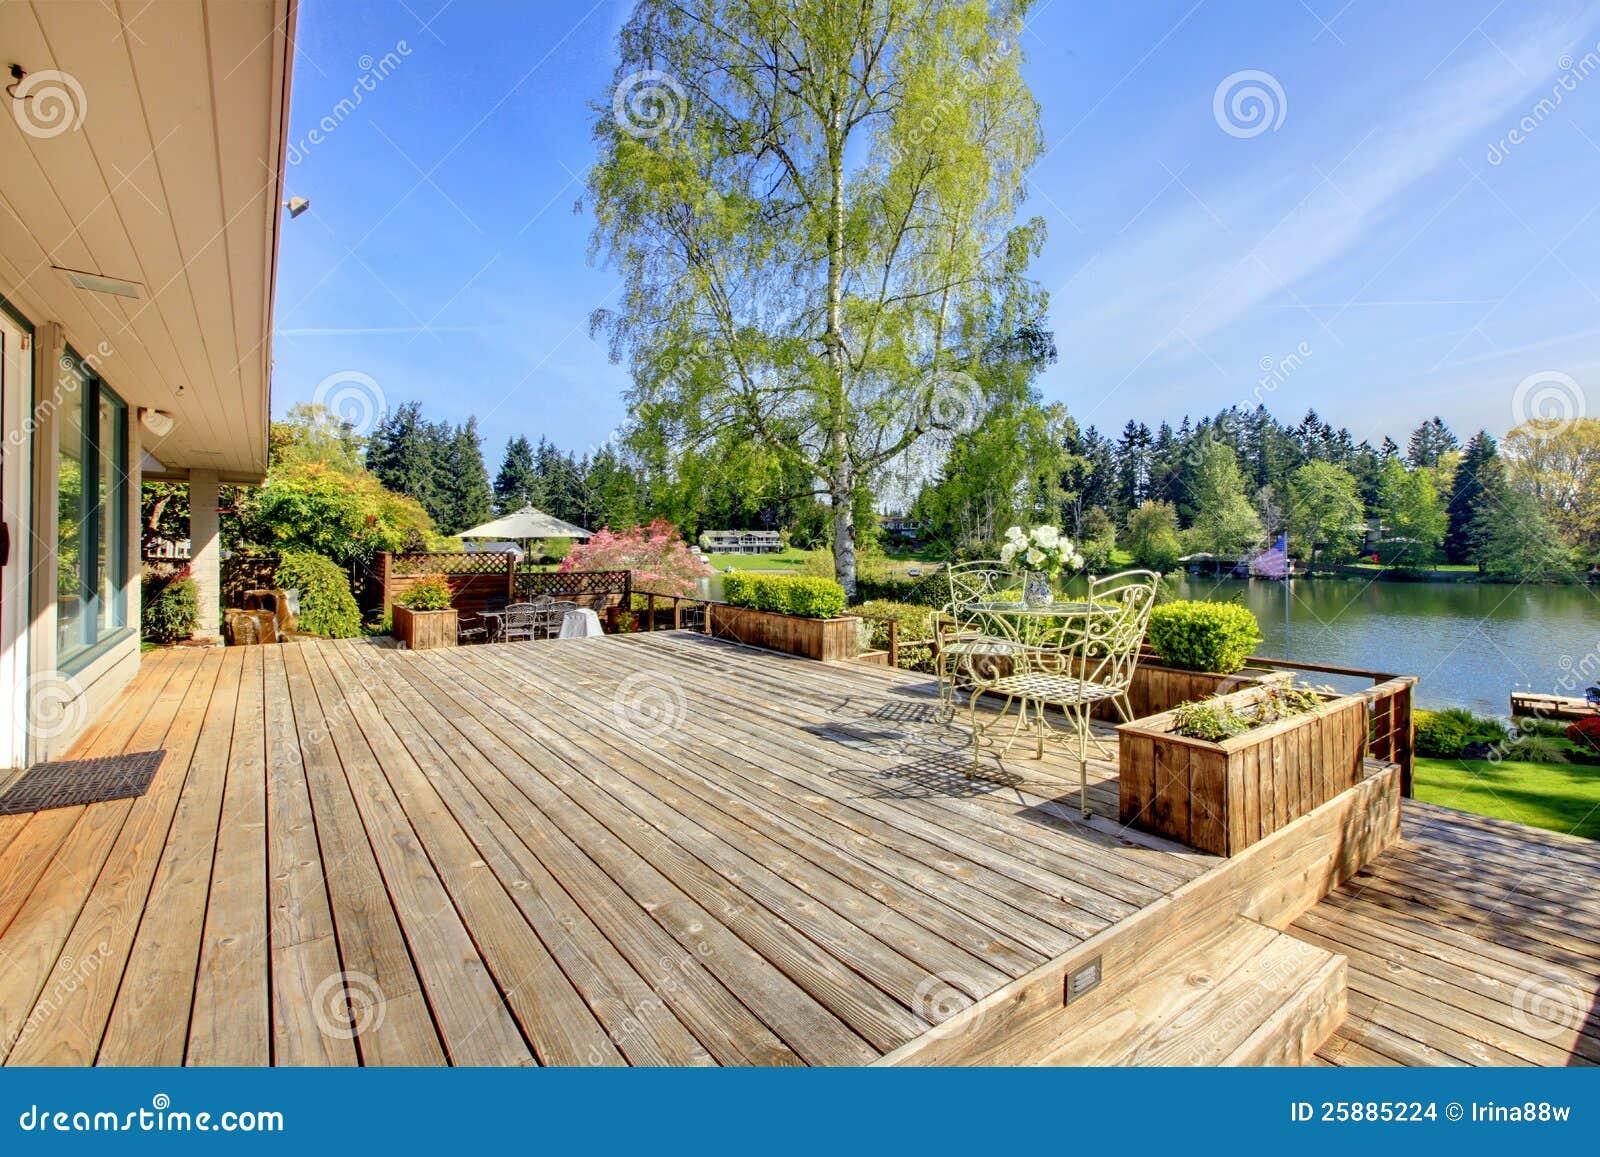 La grande piattaforma di legno con il lago e la sorgente modific il terrenoare.